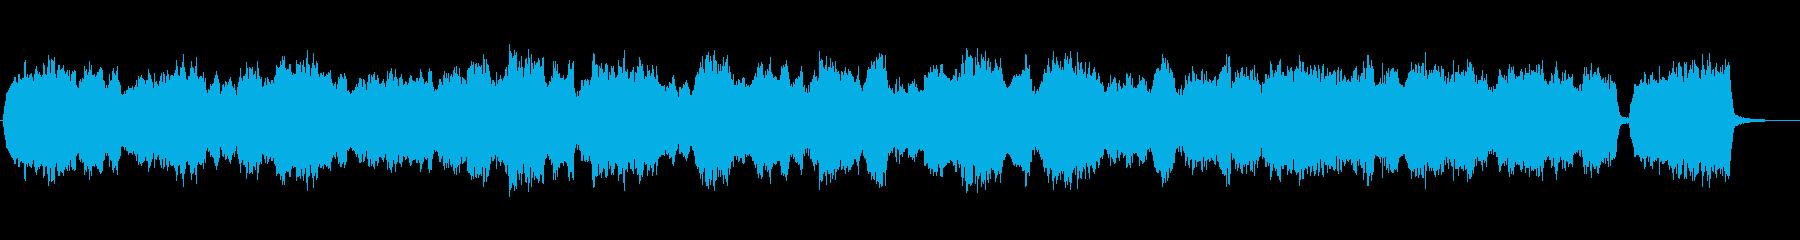 暖かいメロディアスなストリングスの再生済みの波形